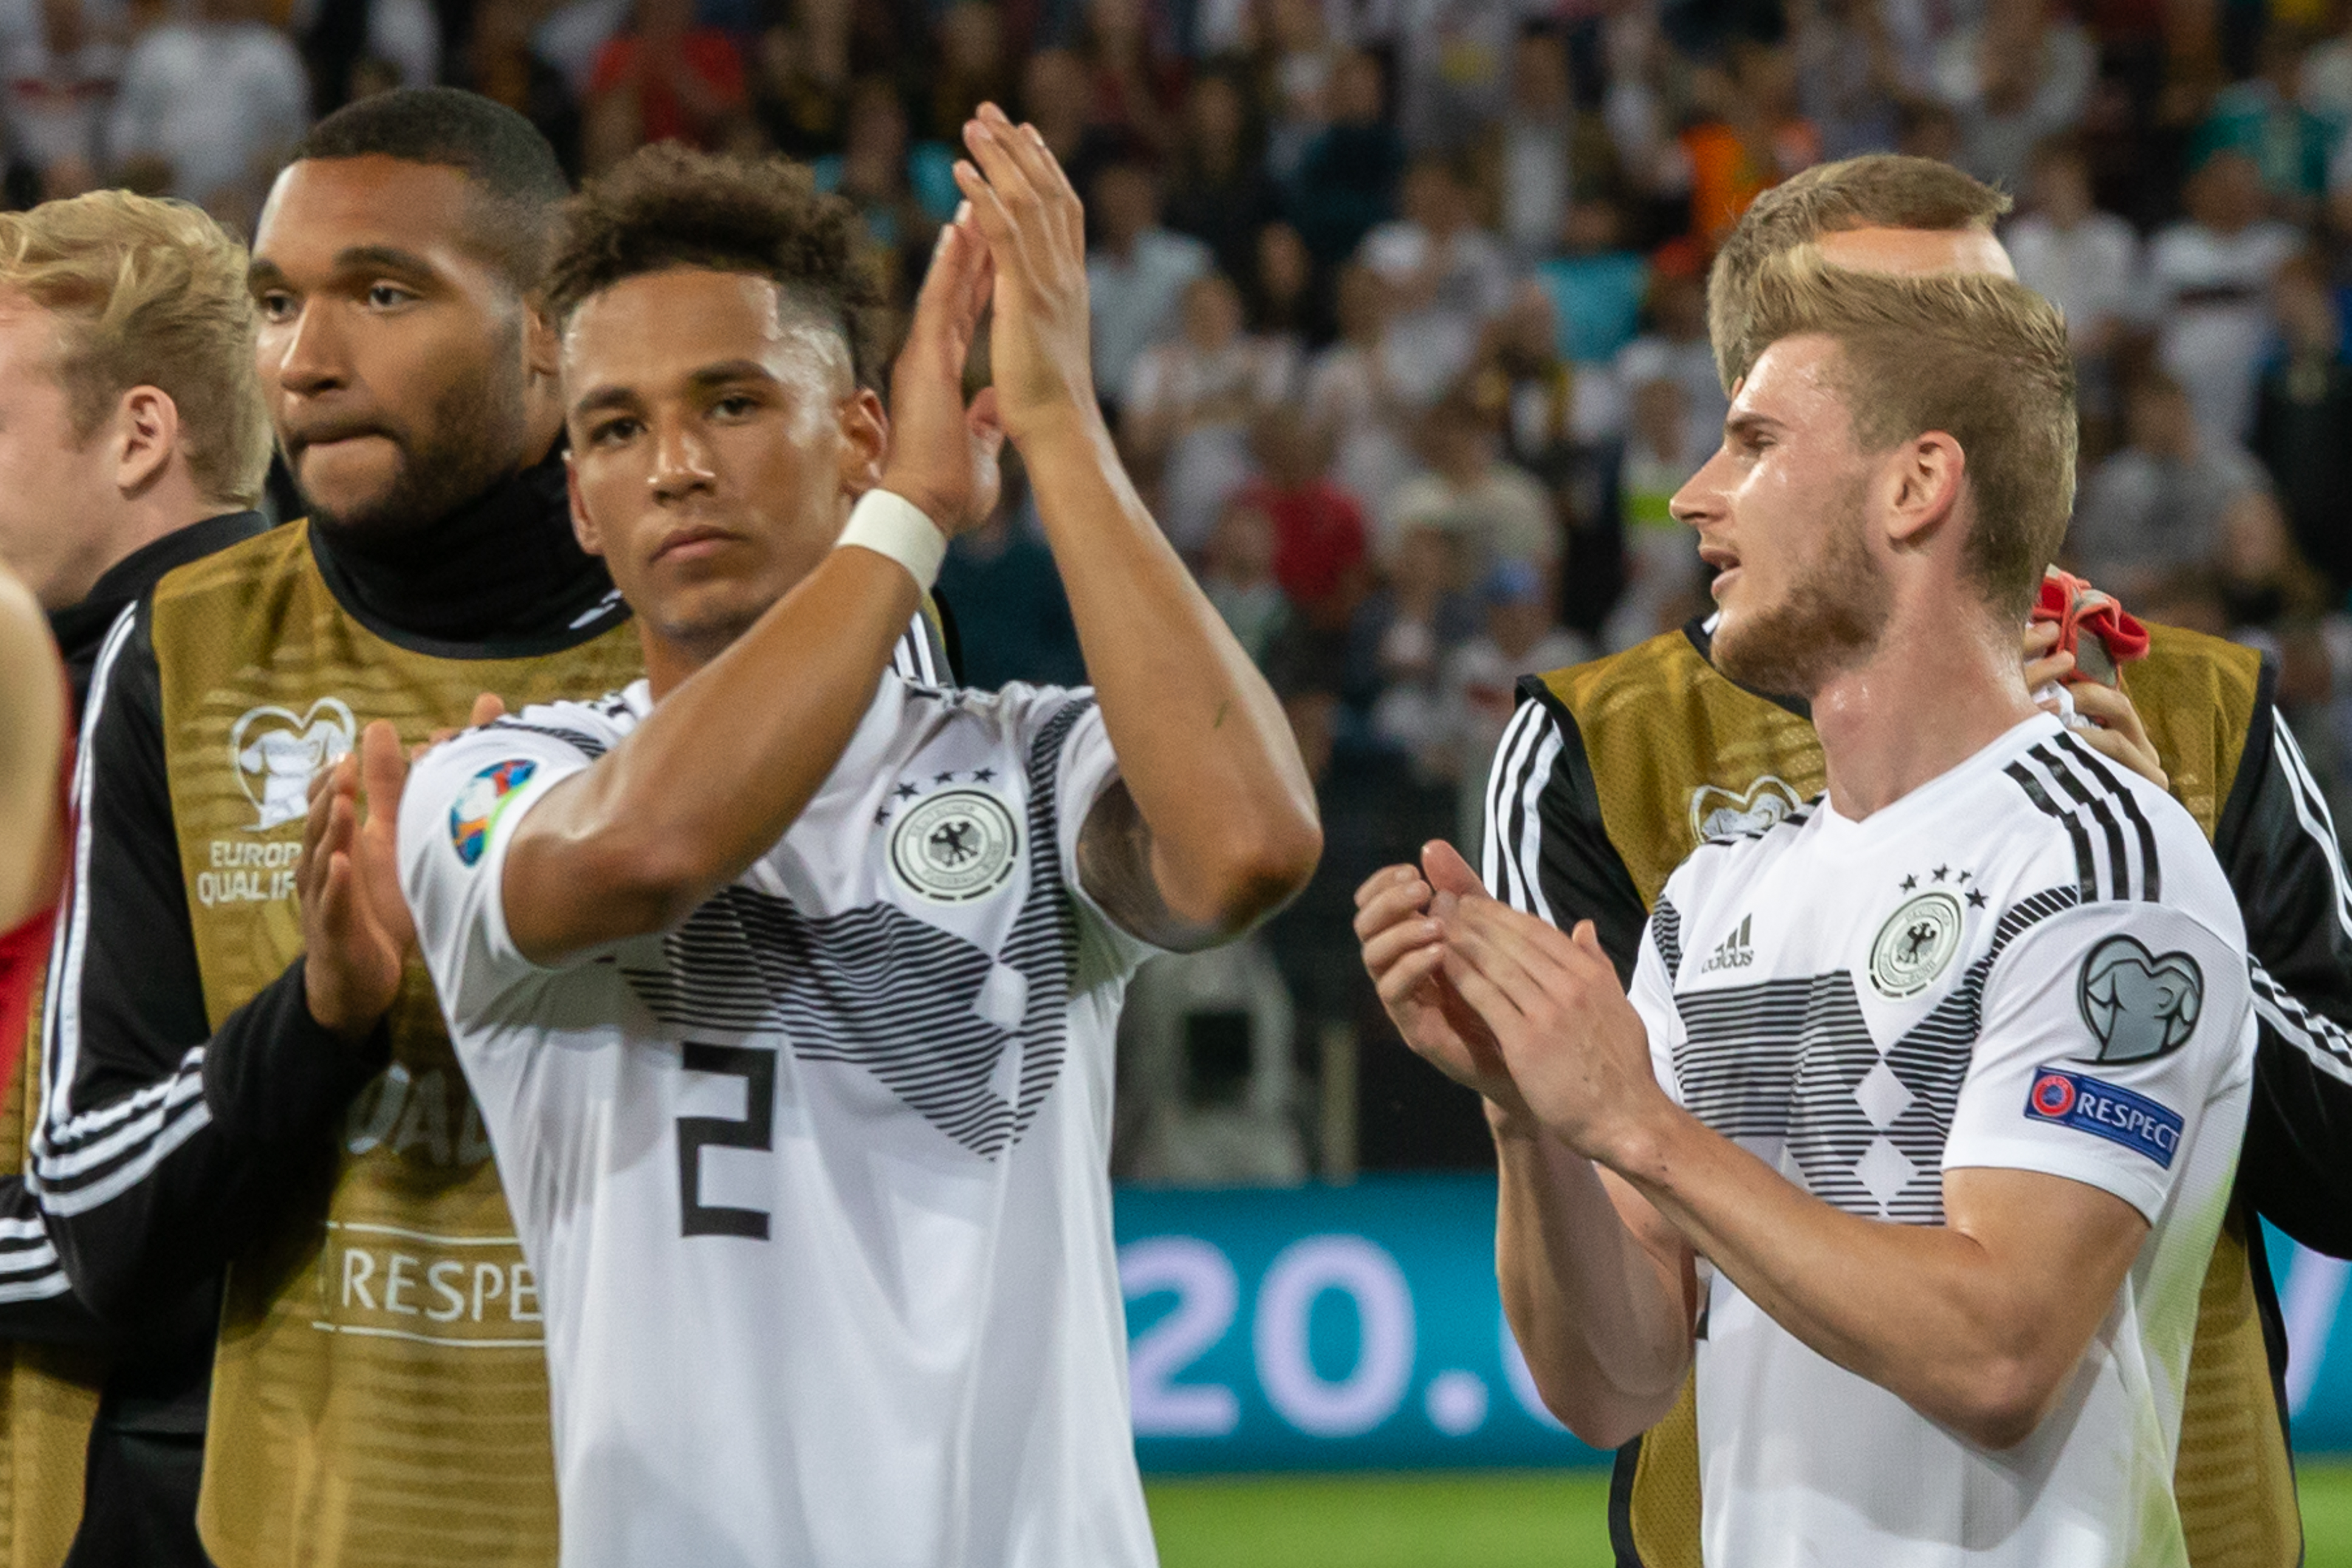 File:2019-06-11 Fußball, Männer, Länderspiel, Deutschland-Estland StP 2286 LR10 by Stepro.jpg